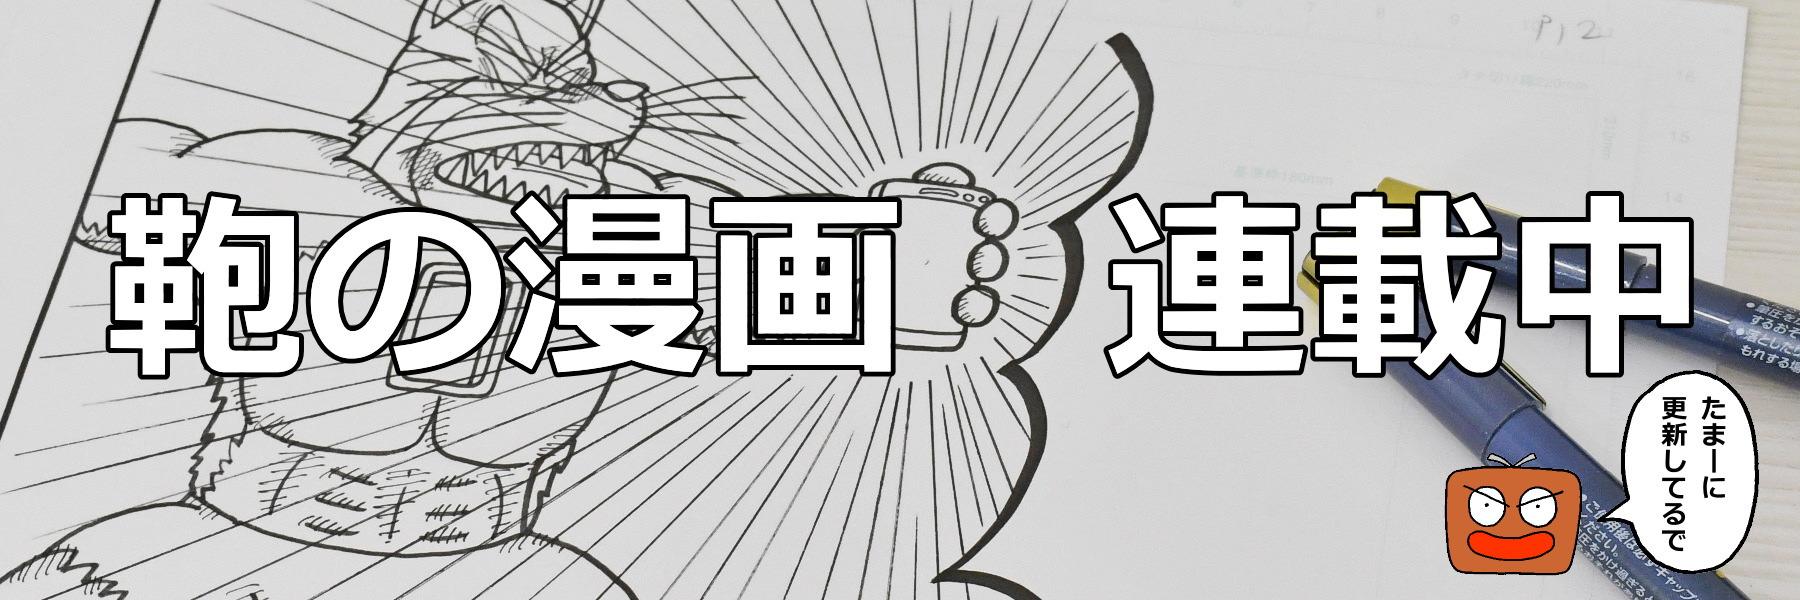 コンテンツ/鞄の漫画